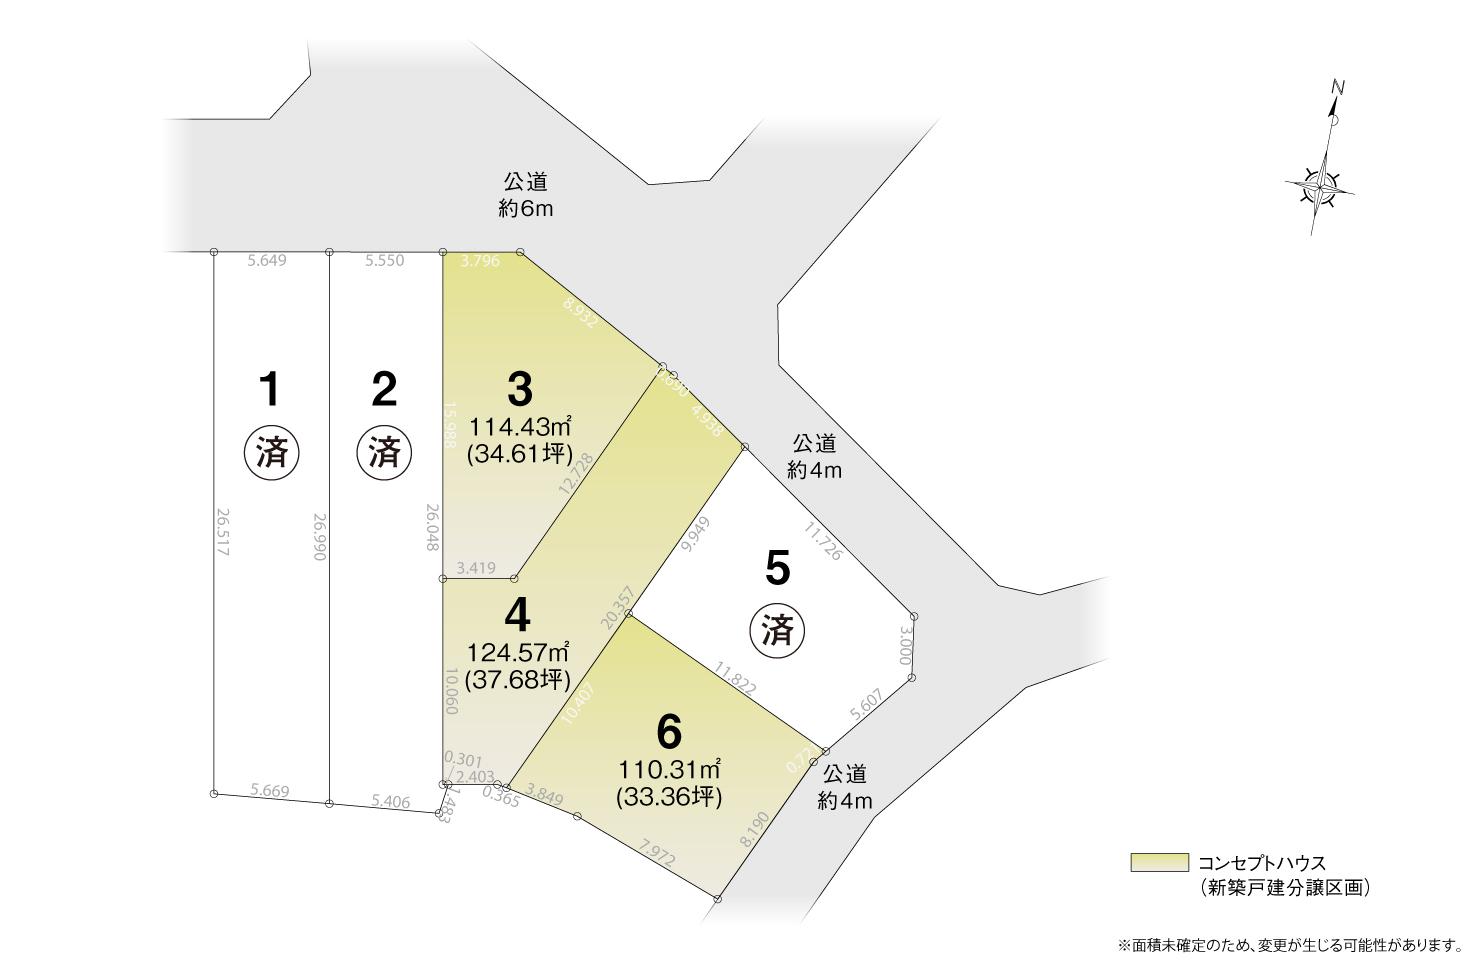 4_区画図_名東区牧の里